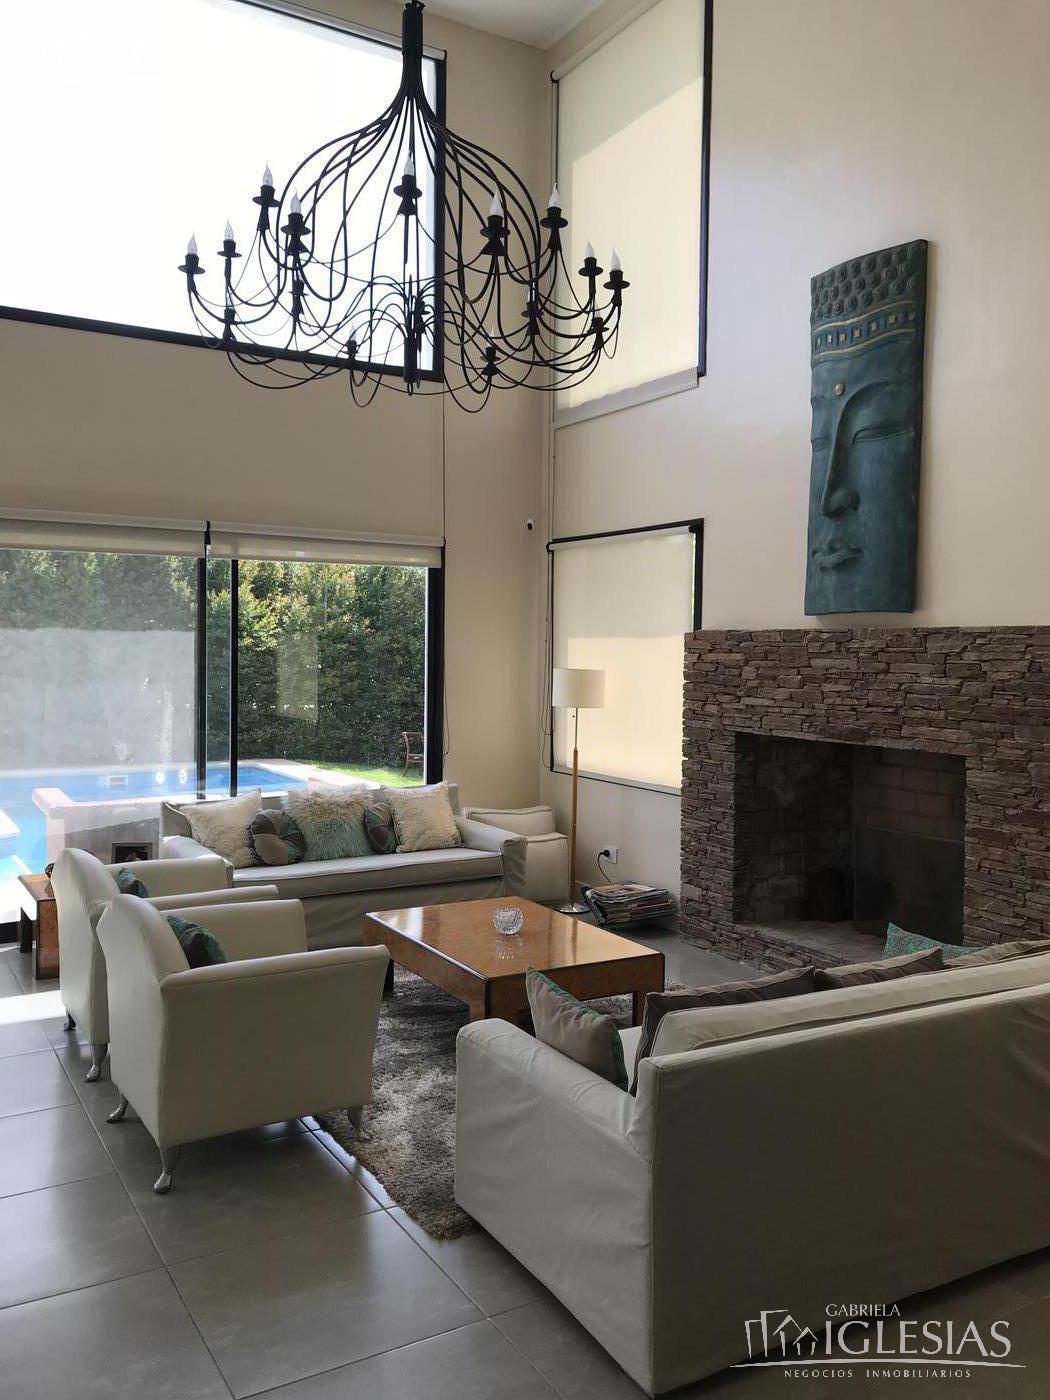 Casa en Venta en Los Alisos a Venta - u$s 530.000